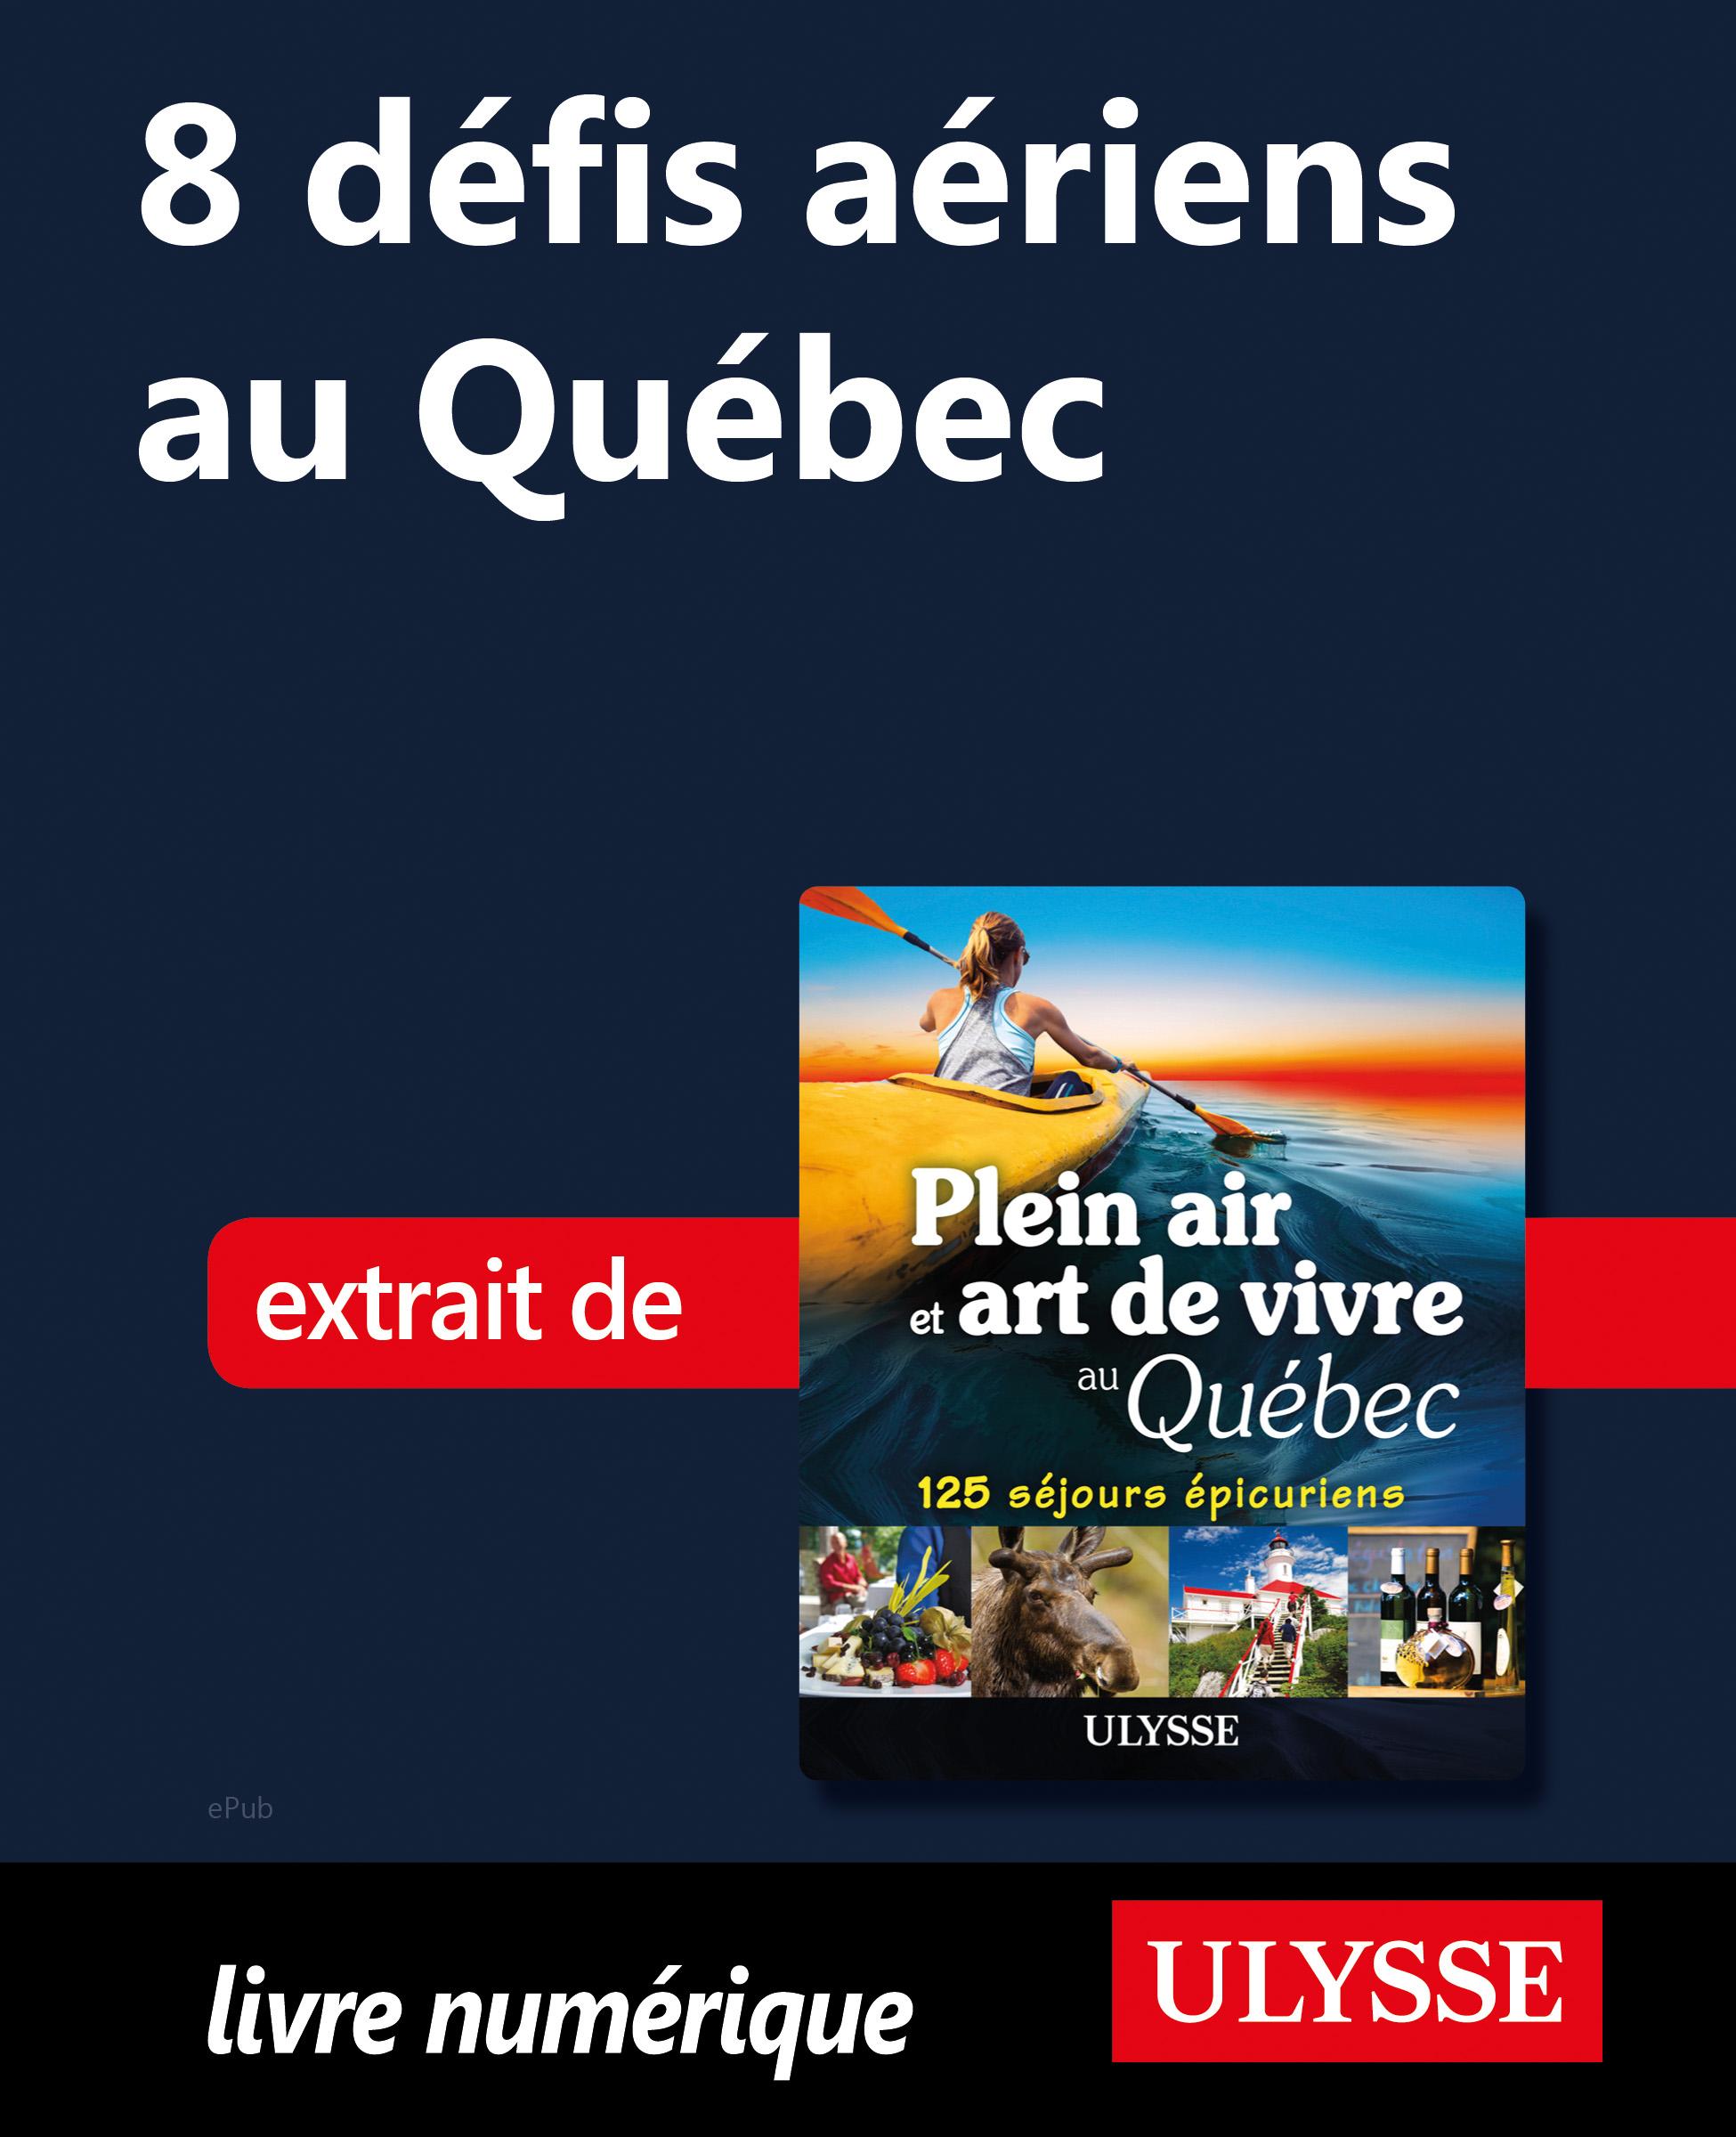 8 défis aériens au Québec